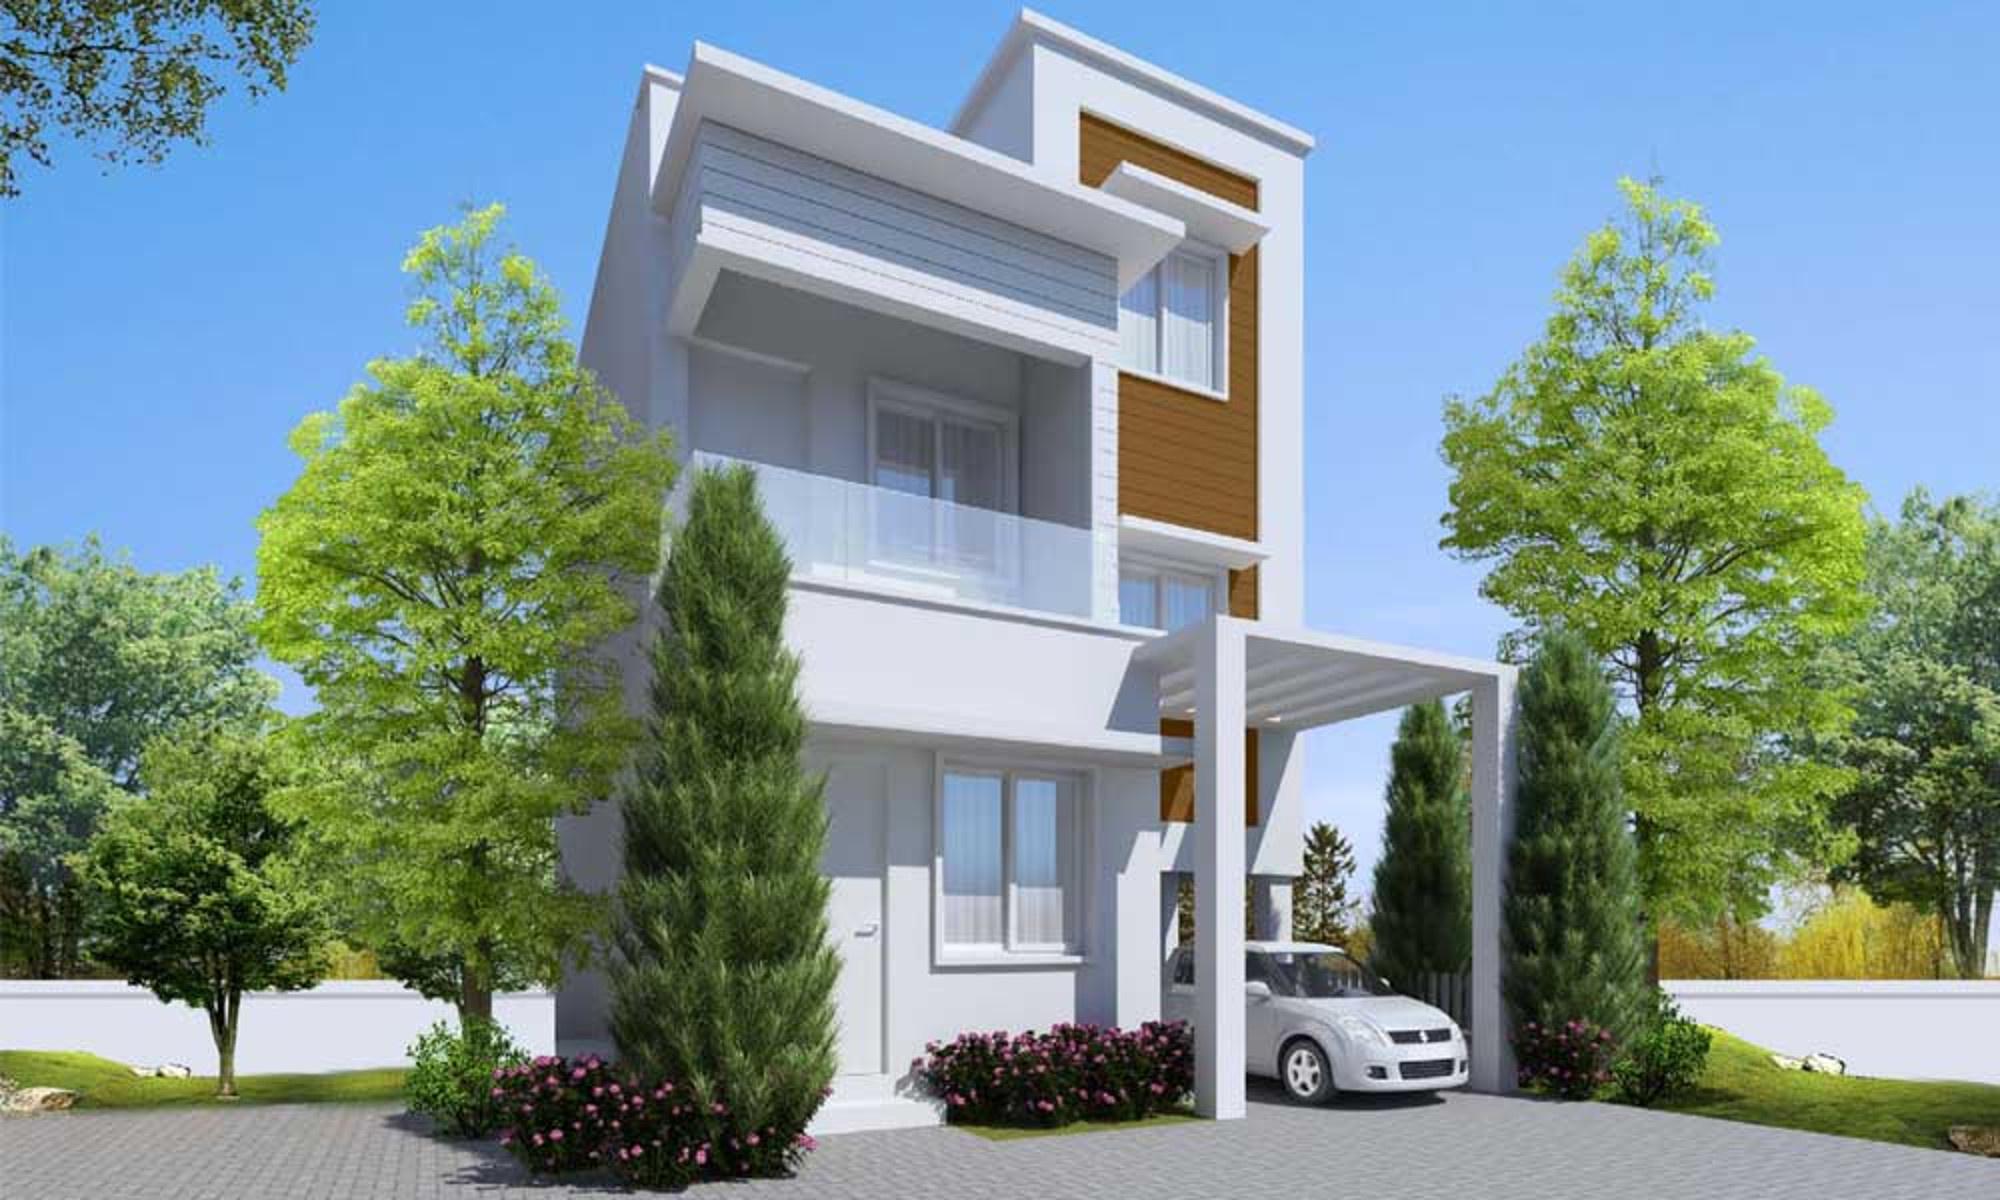 St Angelos Vnct Ventures The White Villas In Oragadam Chennai House Wiring Job Presentationpresentation